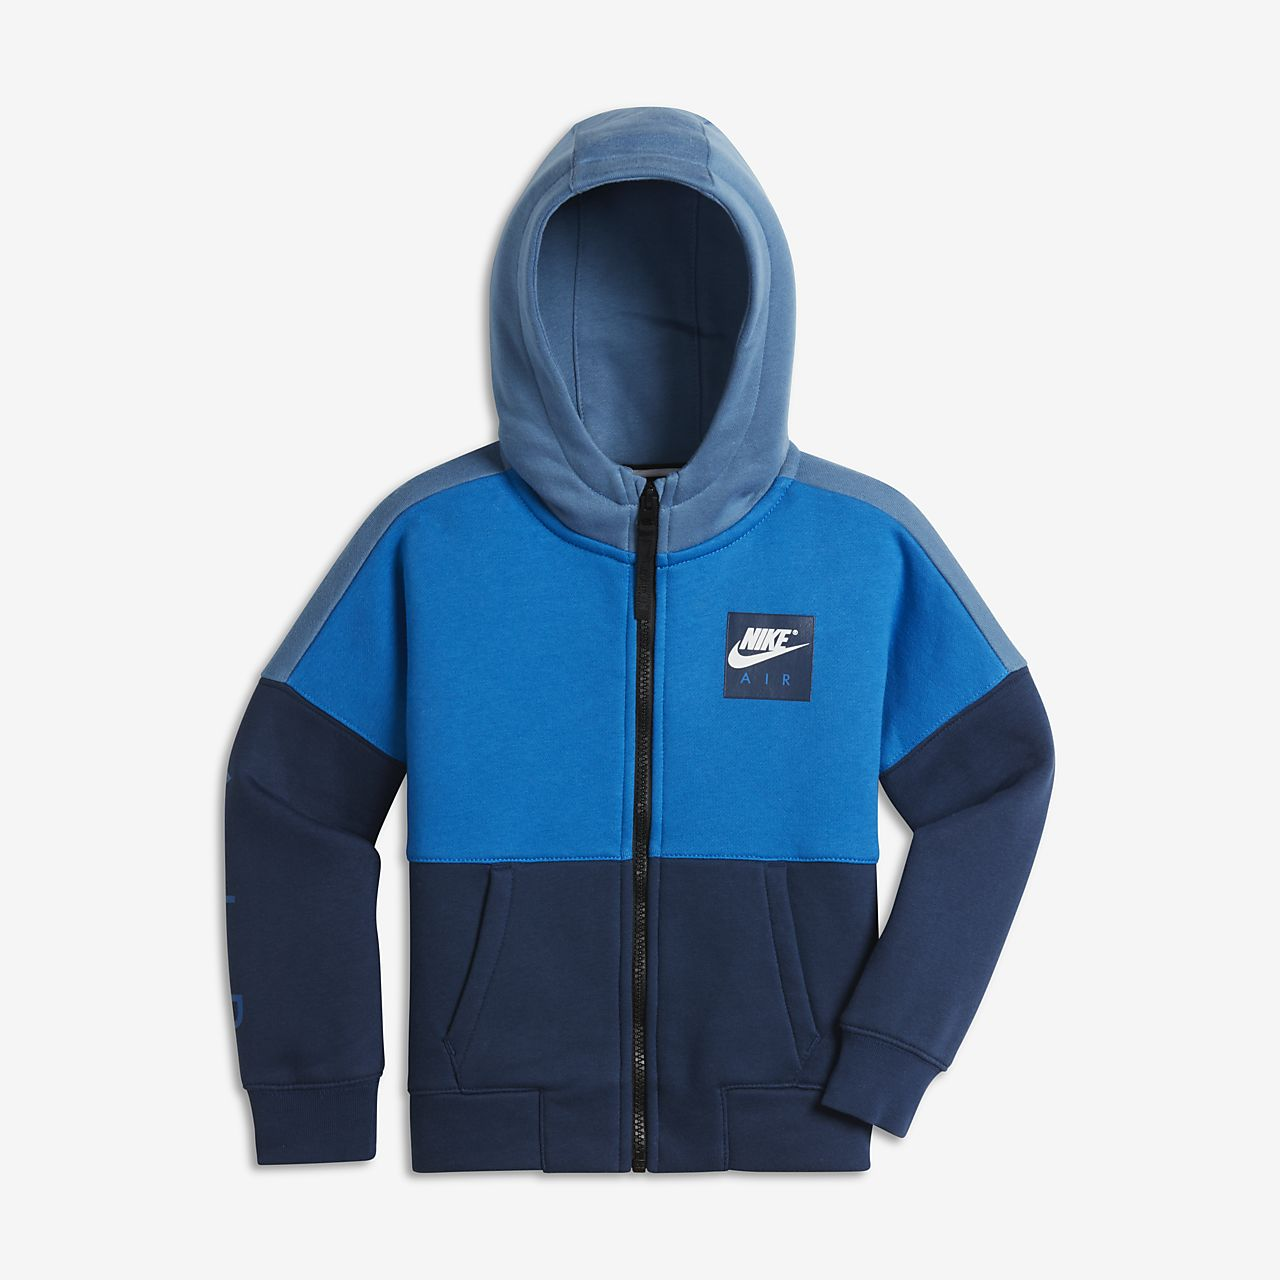 Entièrement Air Pour Zippé Capuche À Jeune Nike Sweat Garçon U7wqRgxE